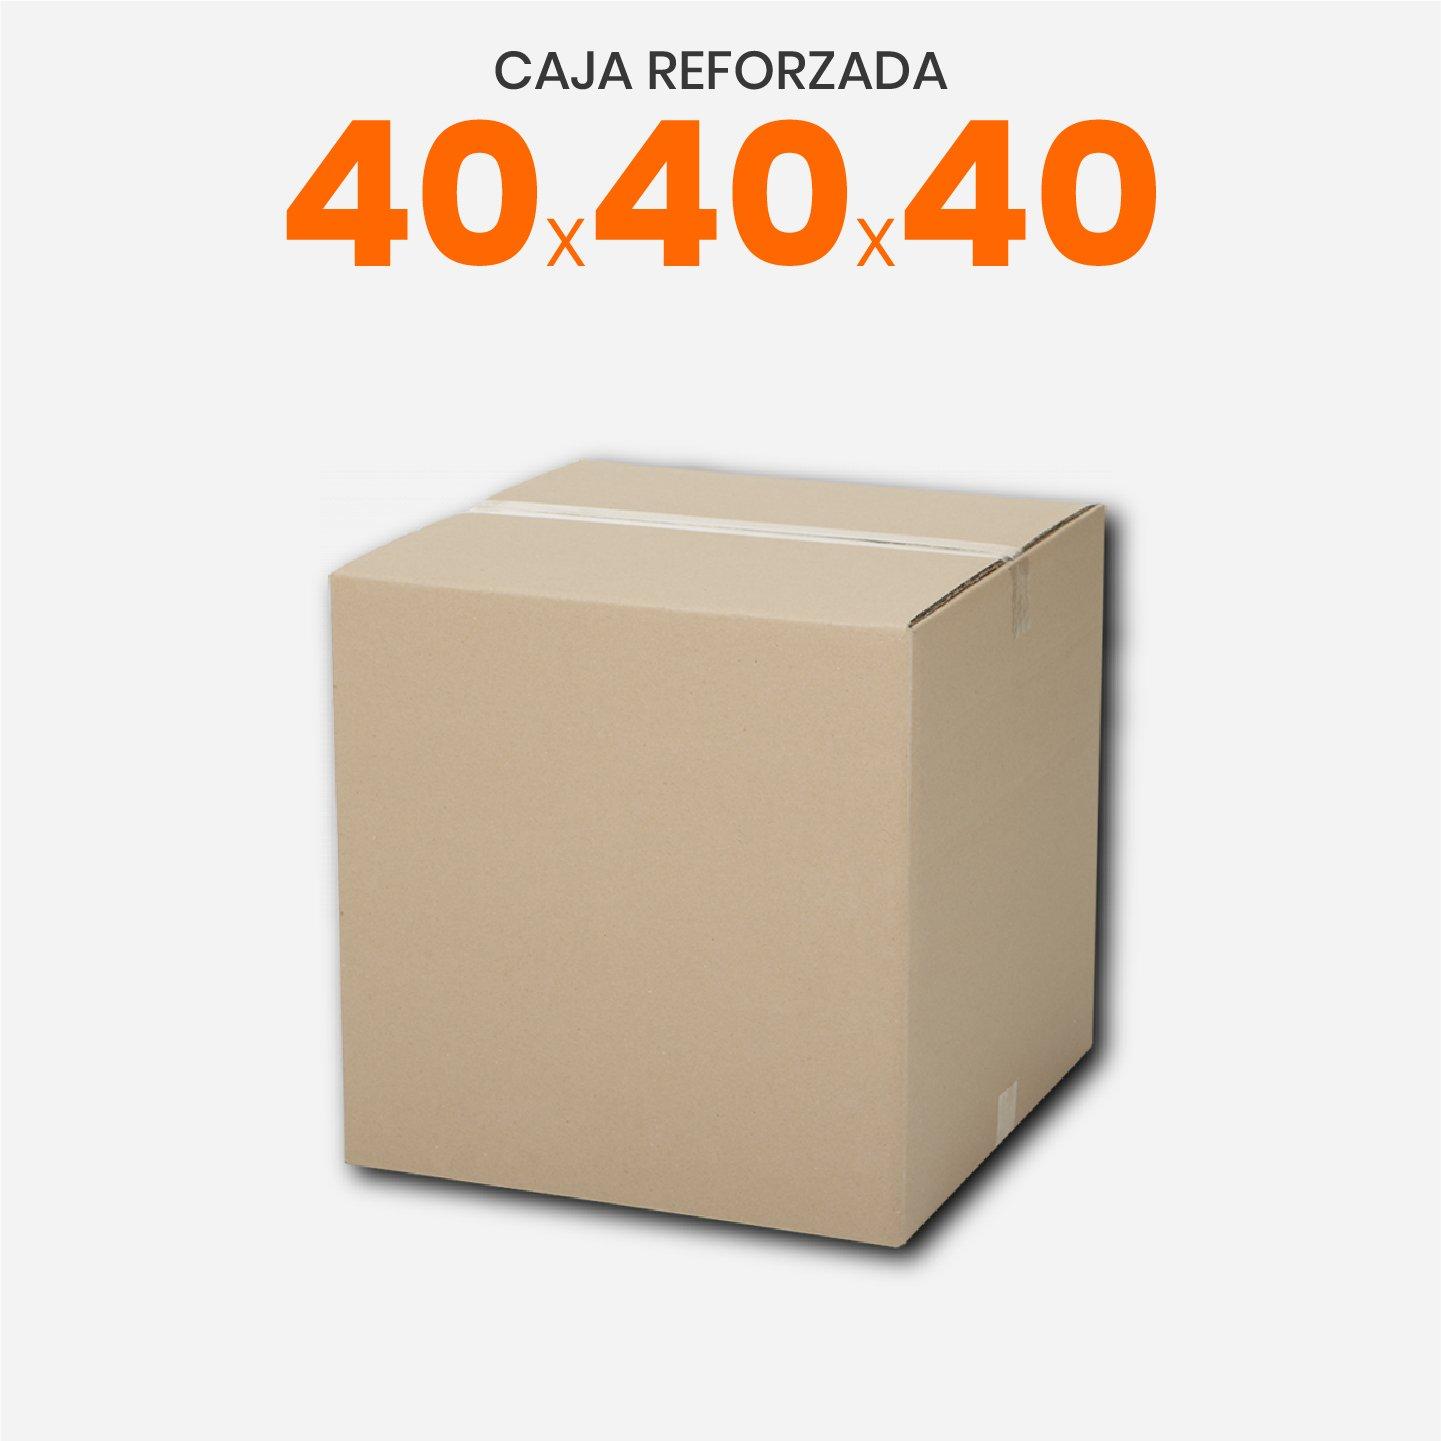 Caja De Cartón Corrugado Reforzada 40x40x40